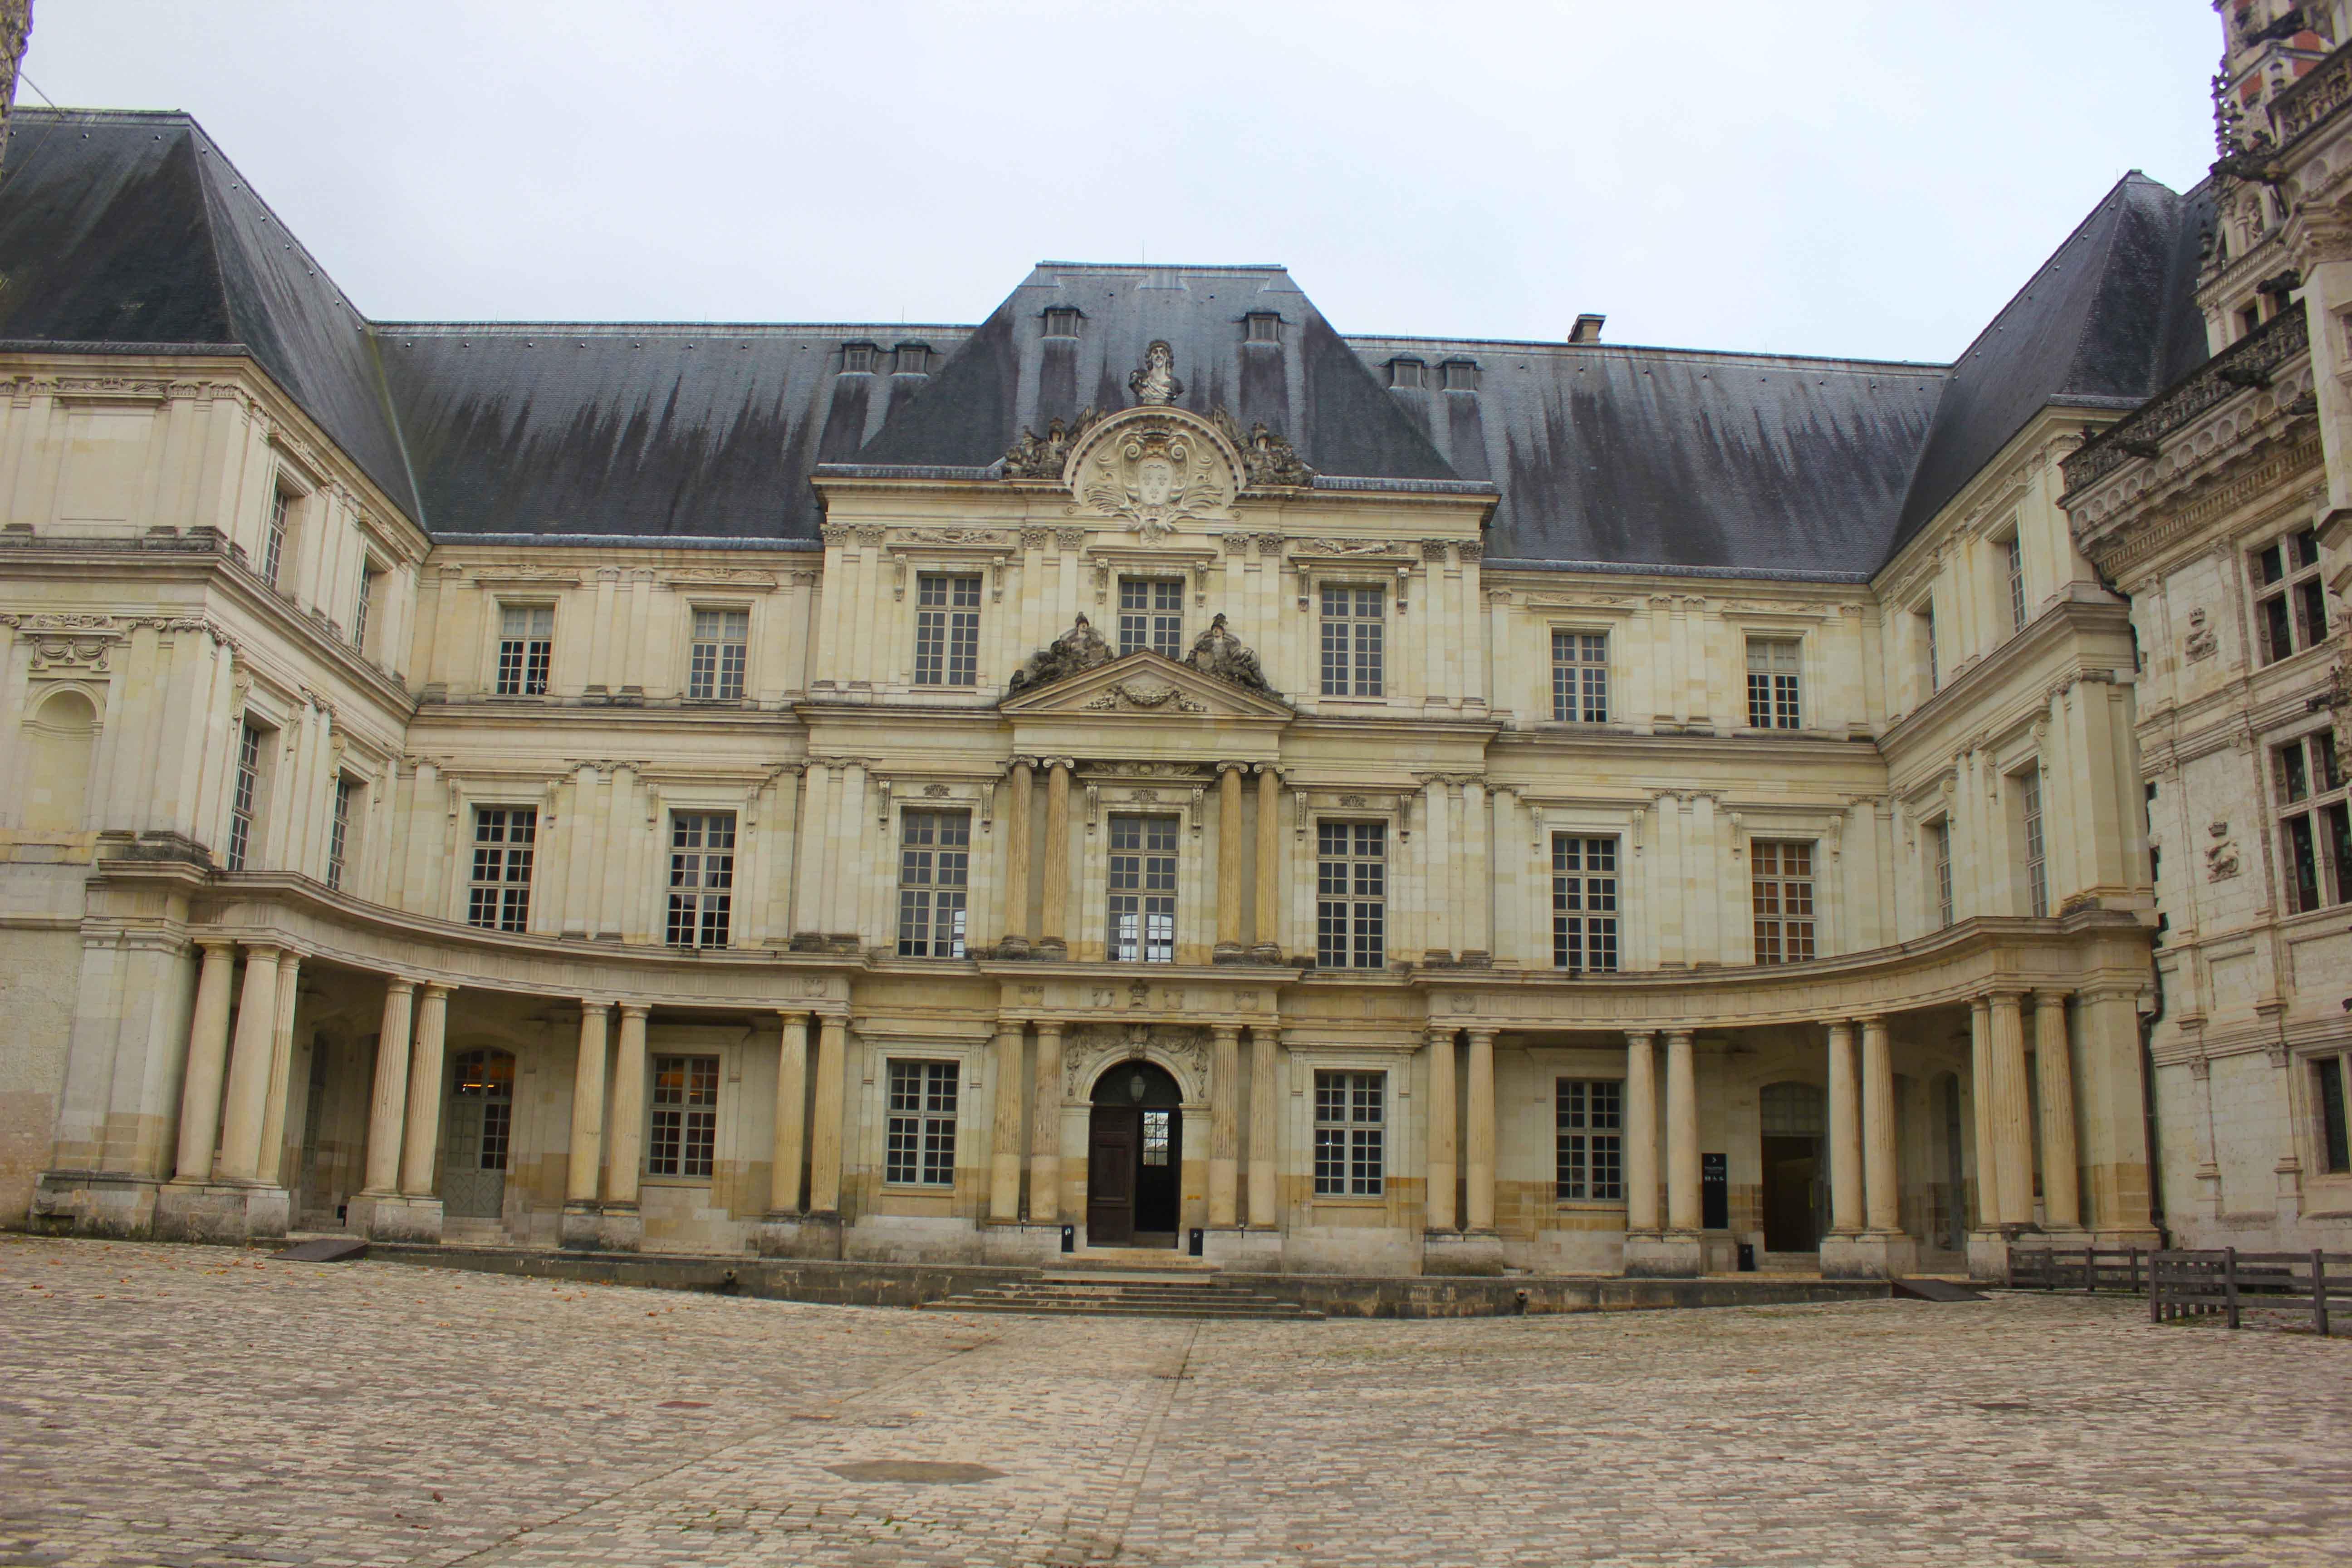 Fachada de Blois com a vista do pátio